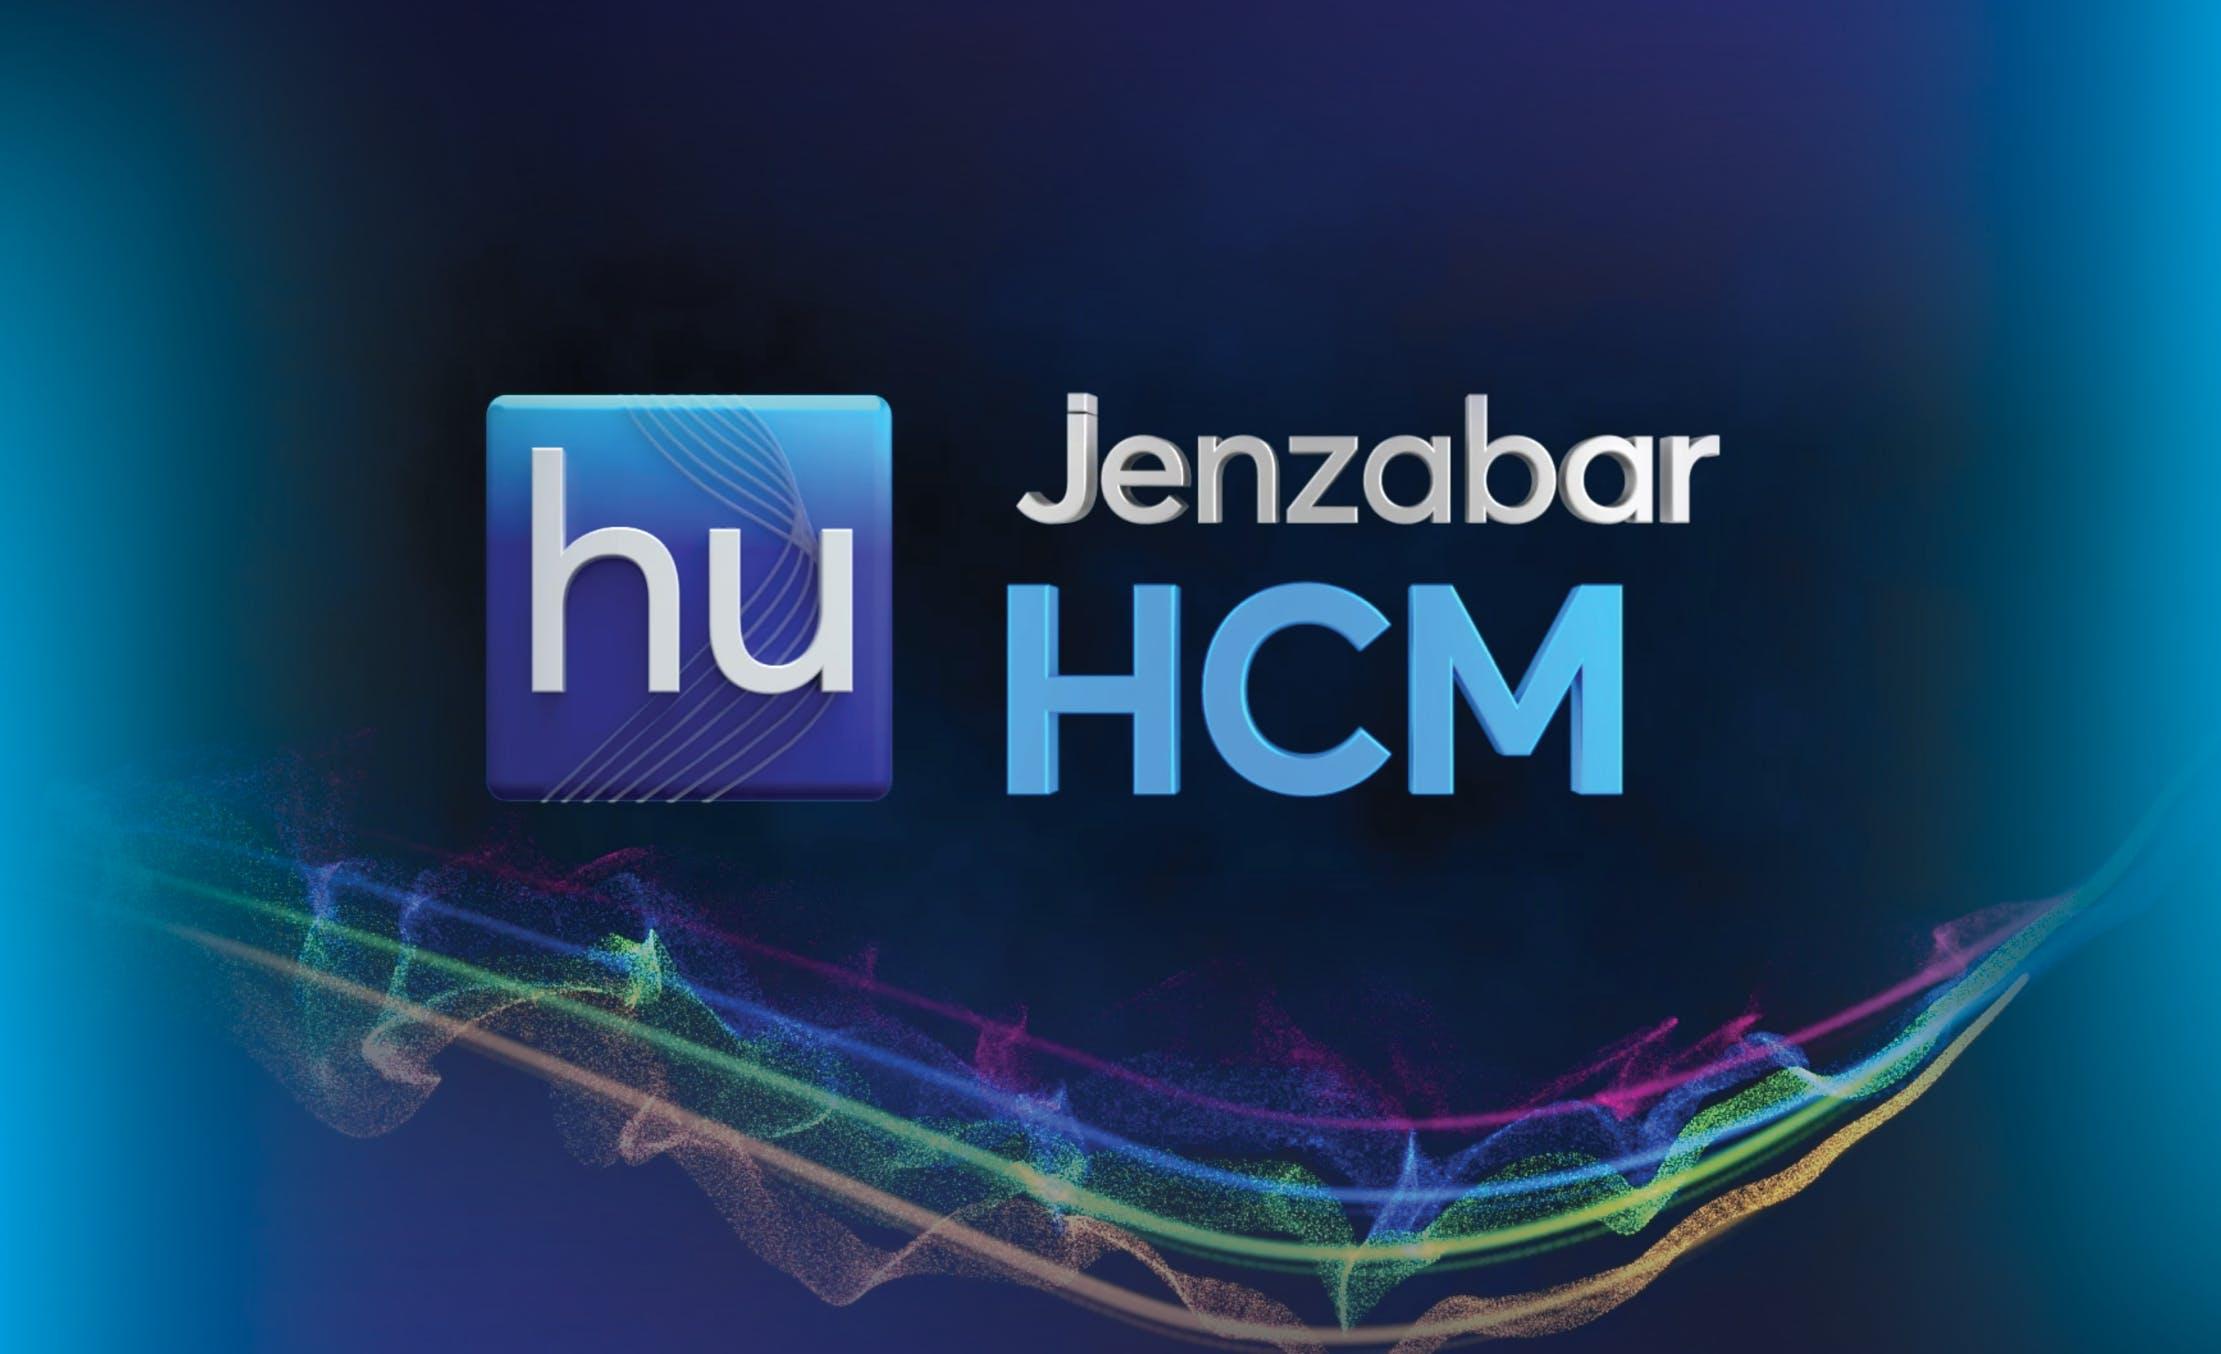 Jenzabar HCM Overview